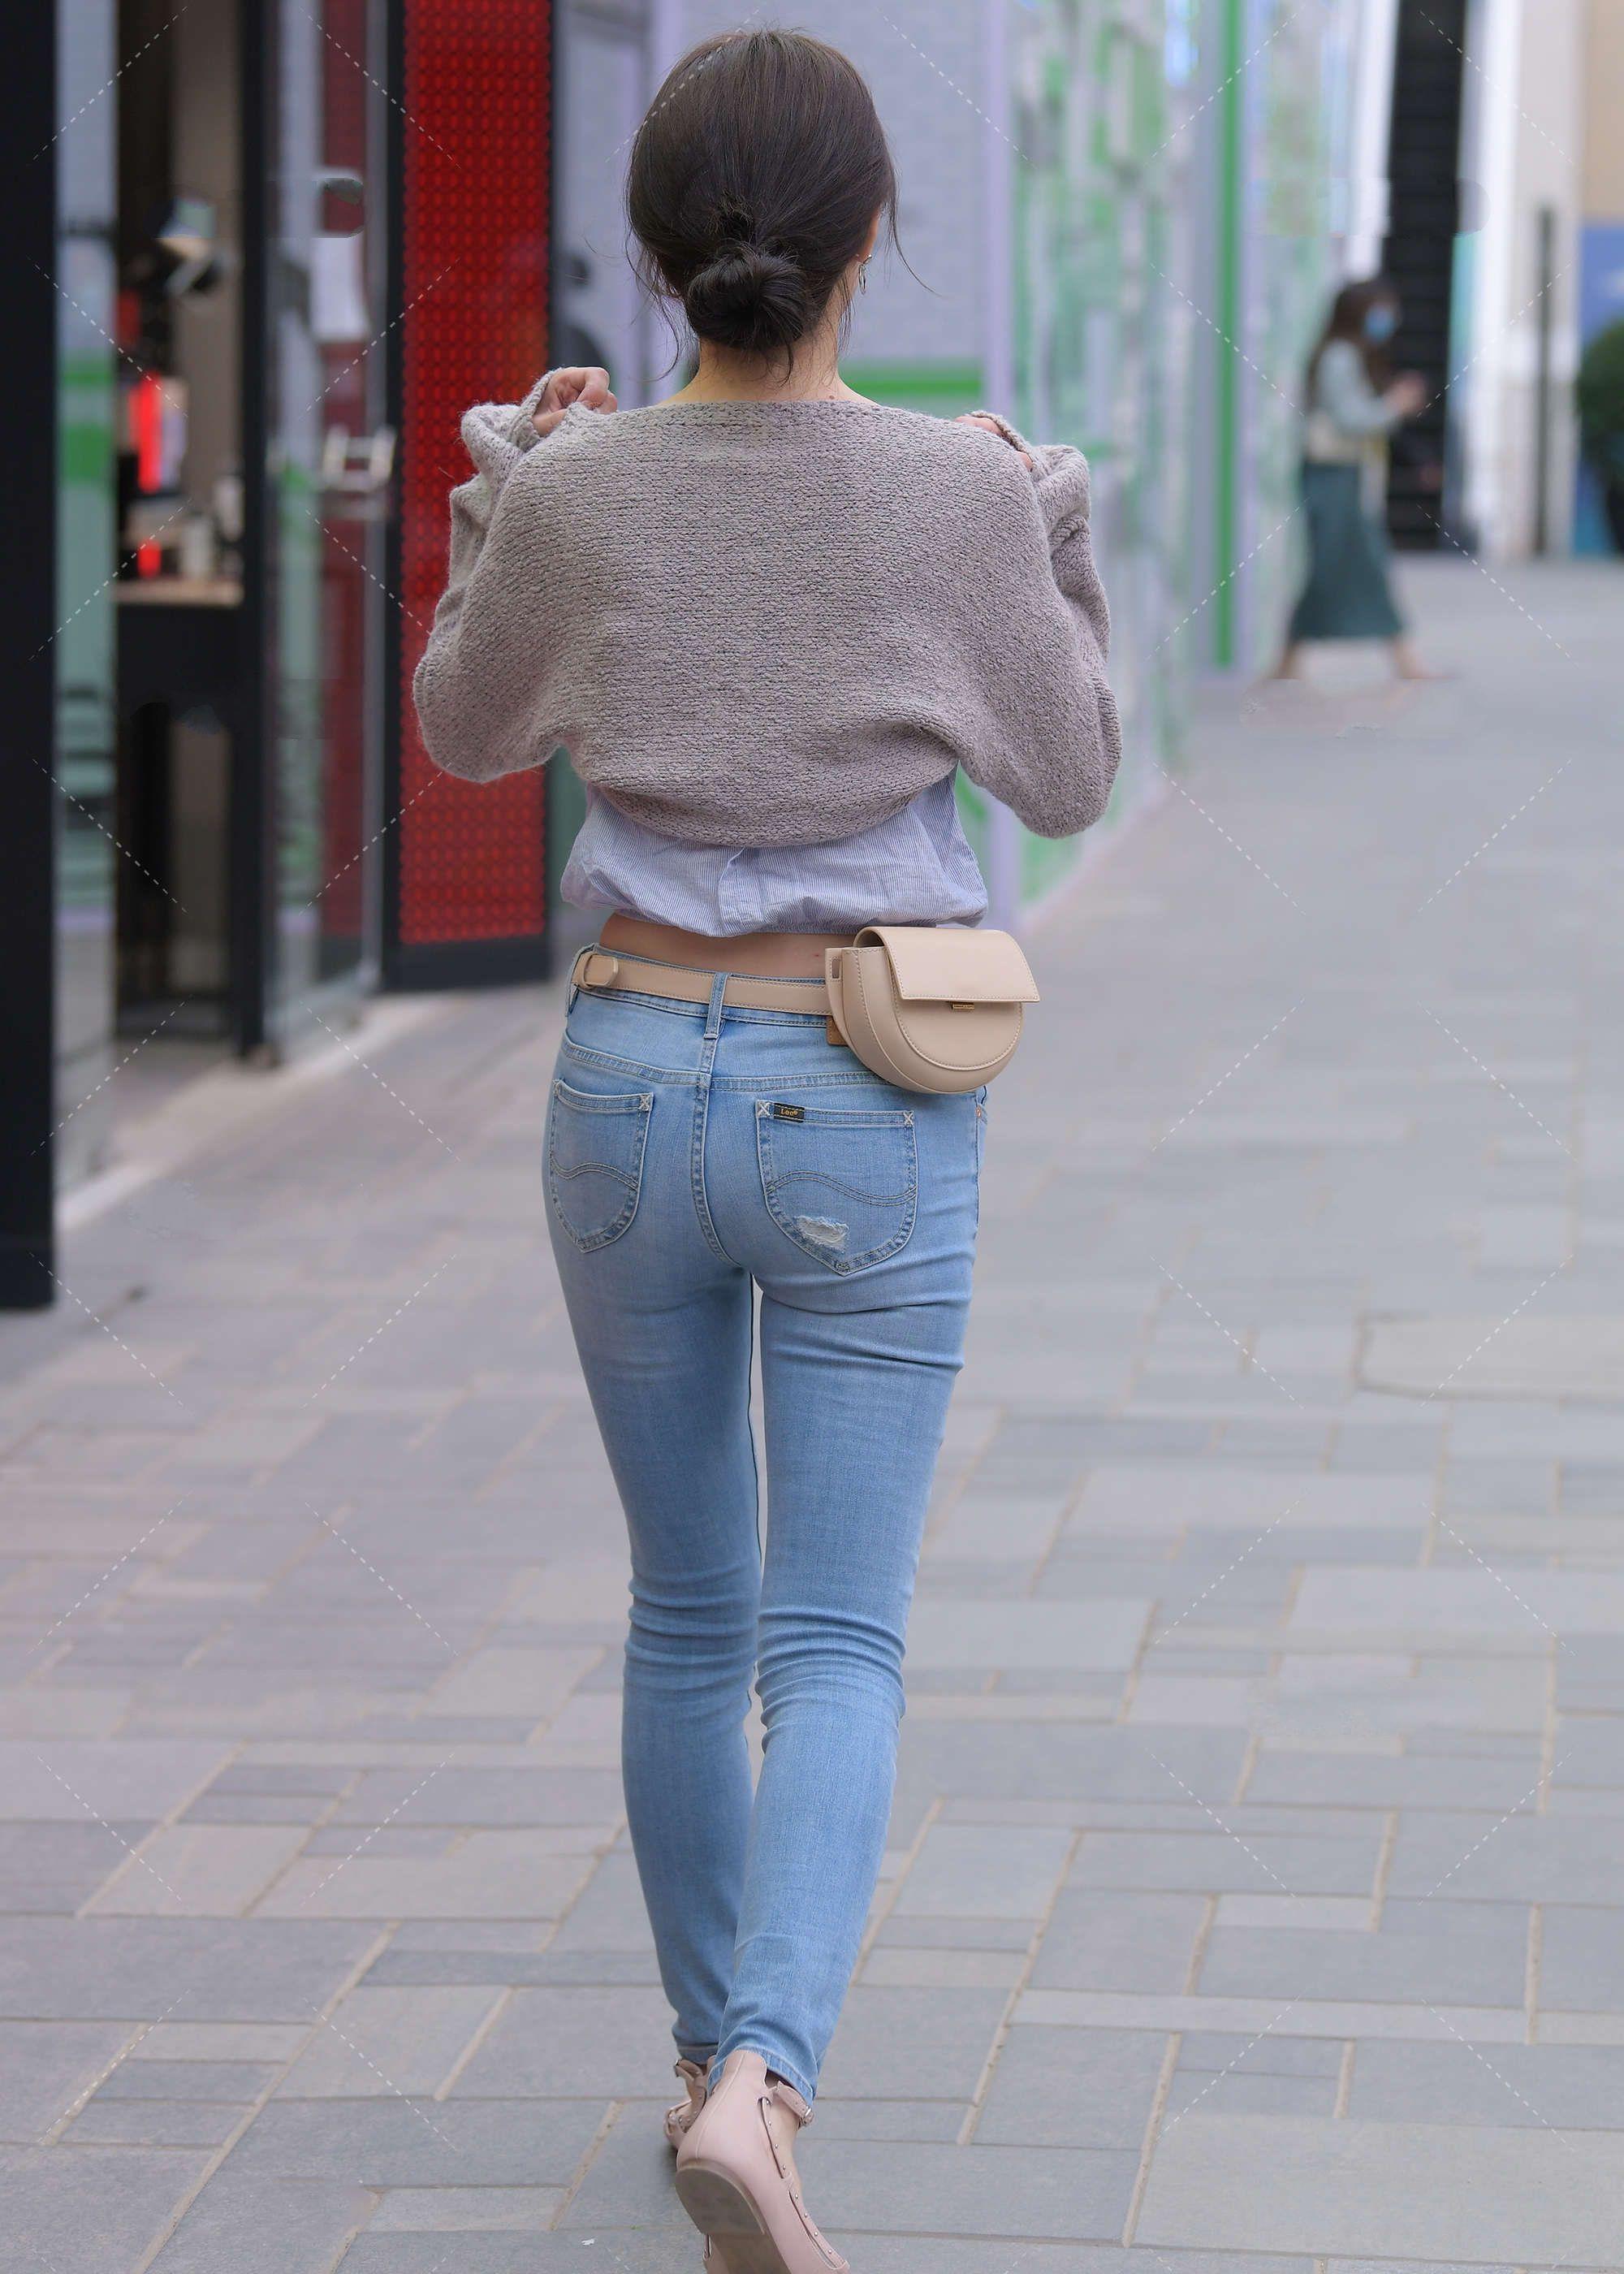 时尚:蓬松小上衣显温柔,浅色穿搭清新自然,腰带点缀更加时髦